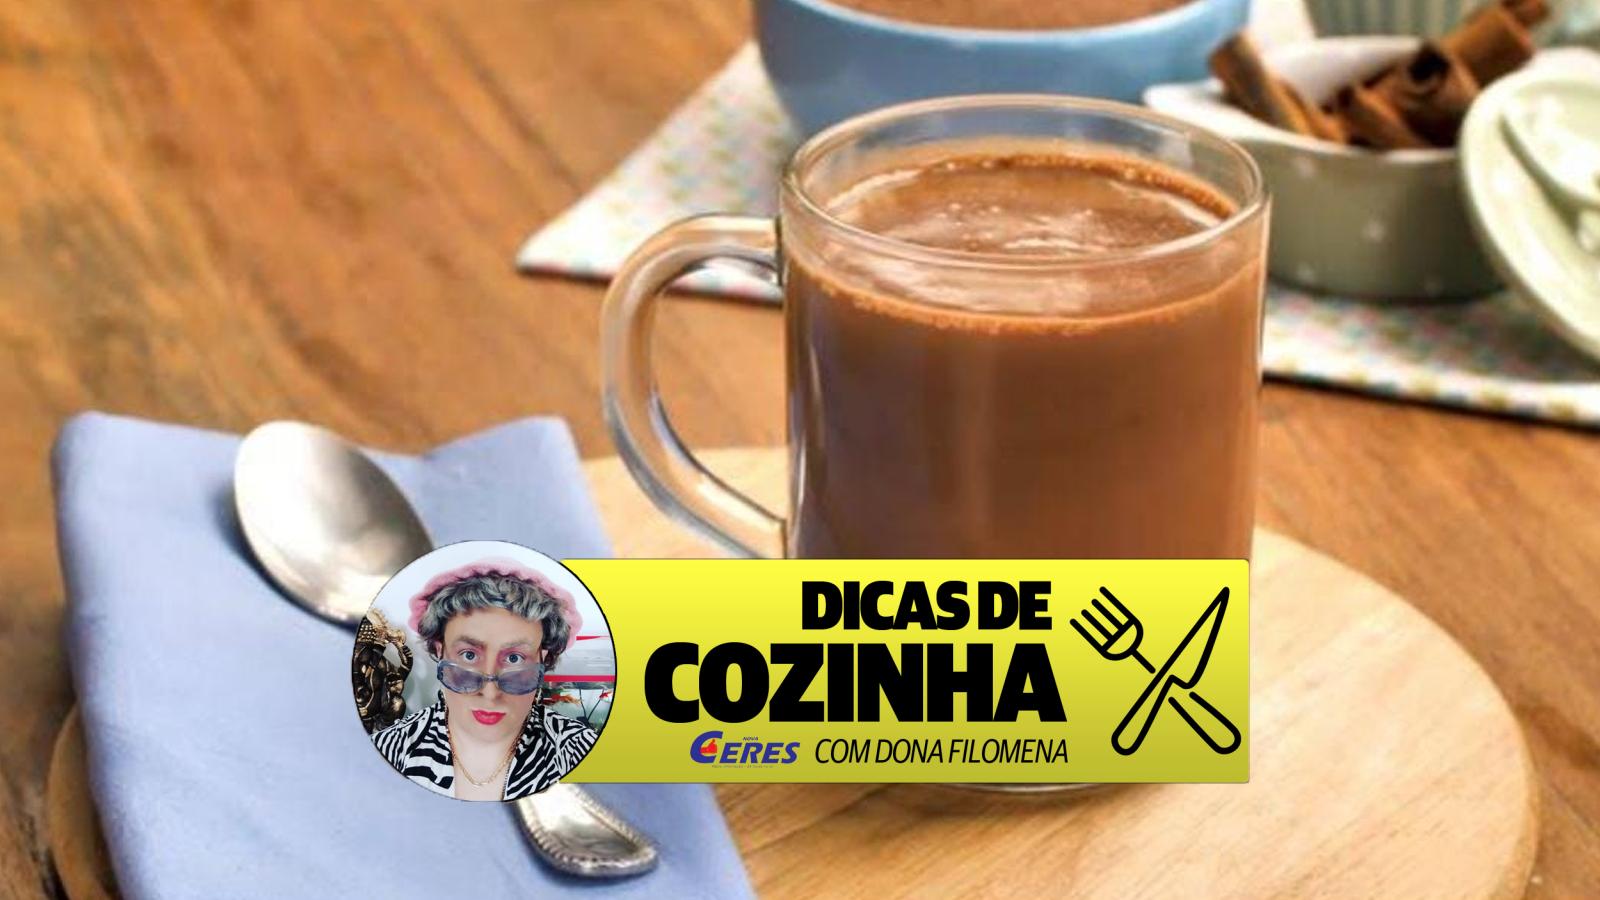 Dicas de Cozinha 24/05: Chocolate quente da Dona Filomena